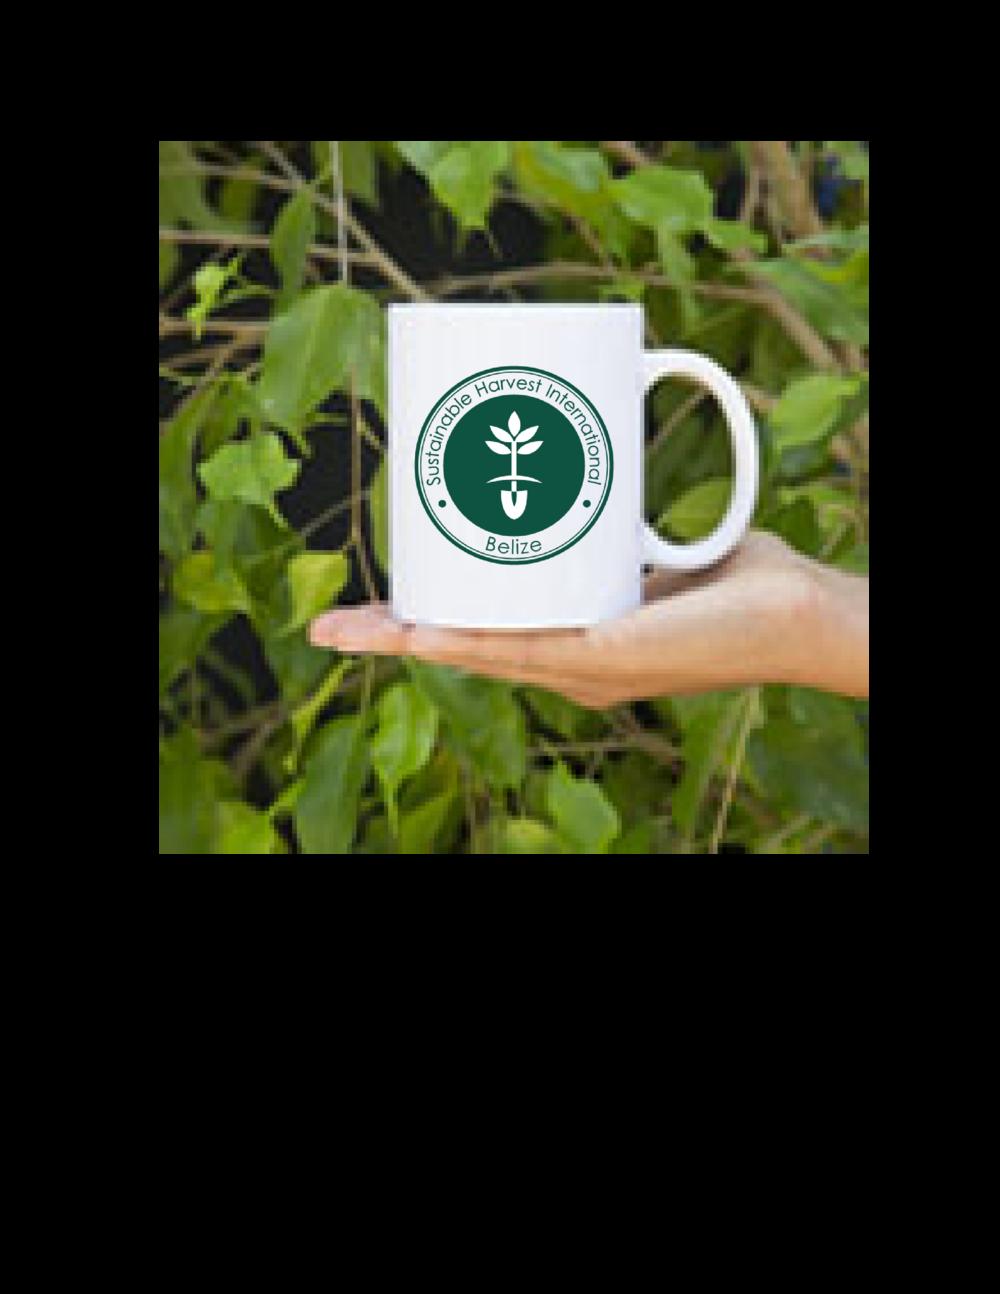 mug mockup-01.png